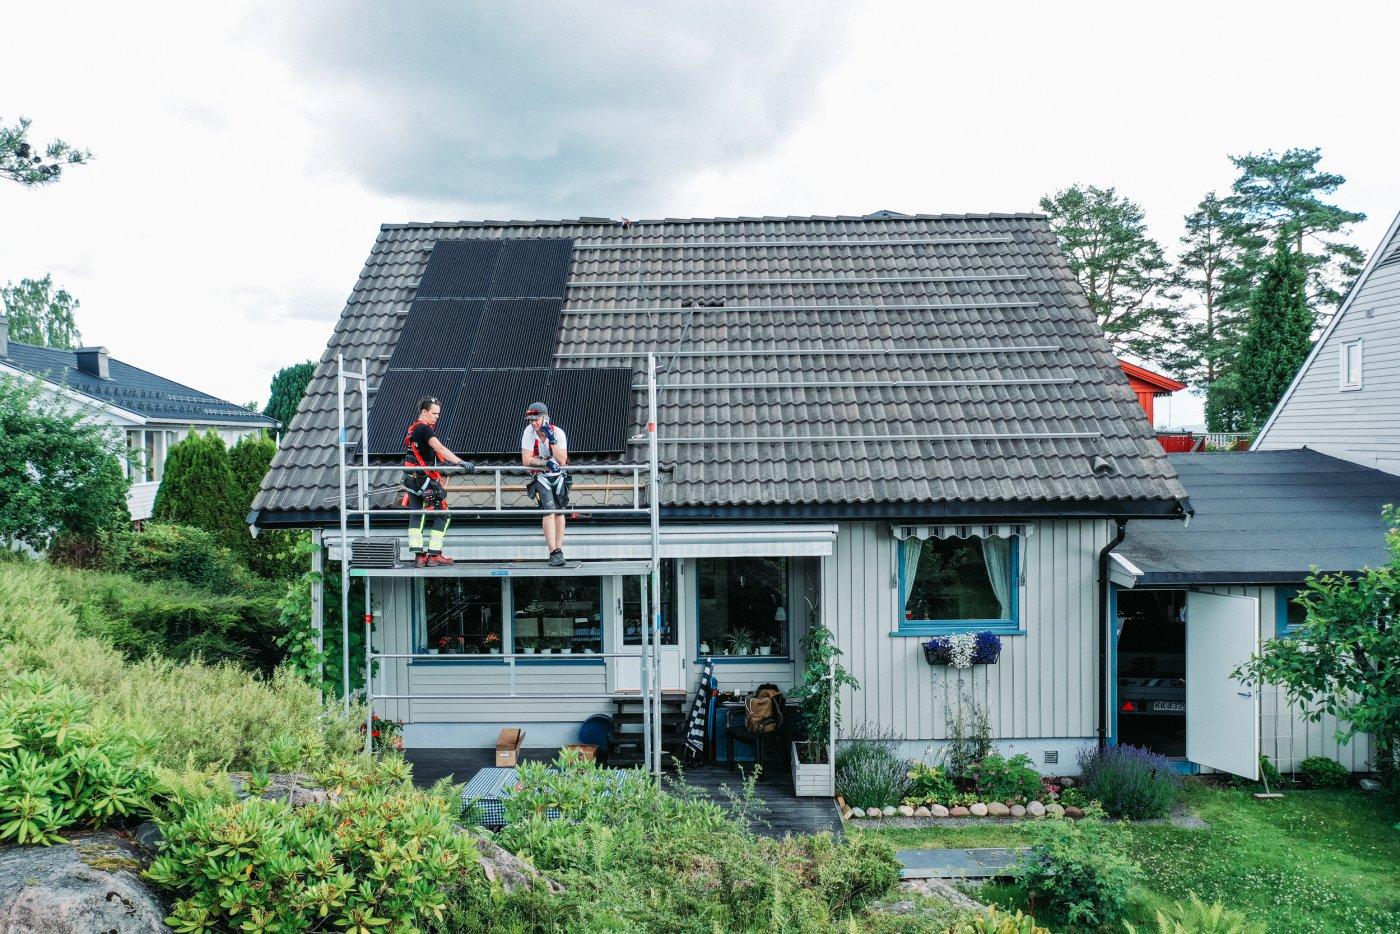 Oversikt over huset til Randi Maakestad underveis i prosessen med å legge solcelleanlegg.